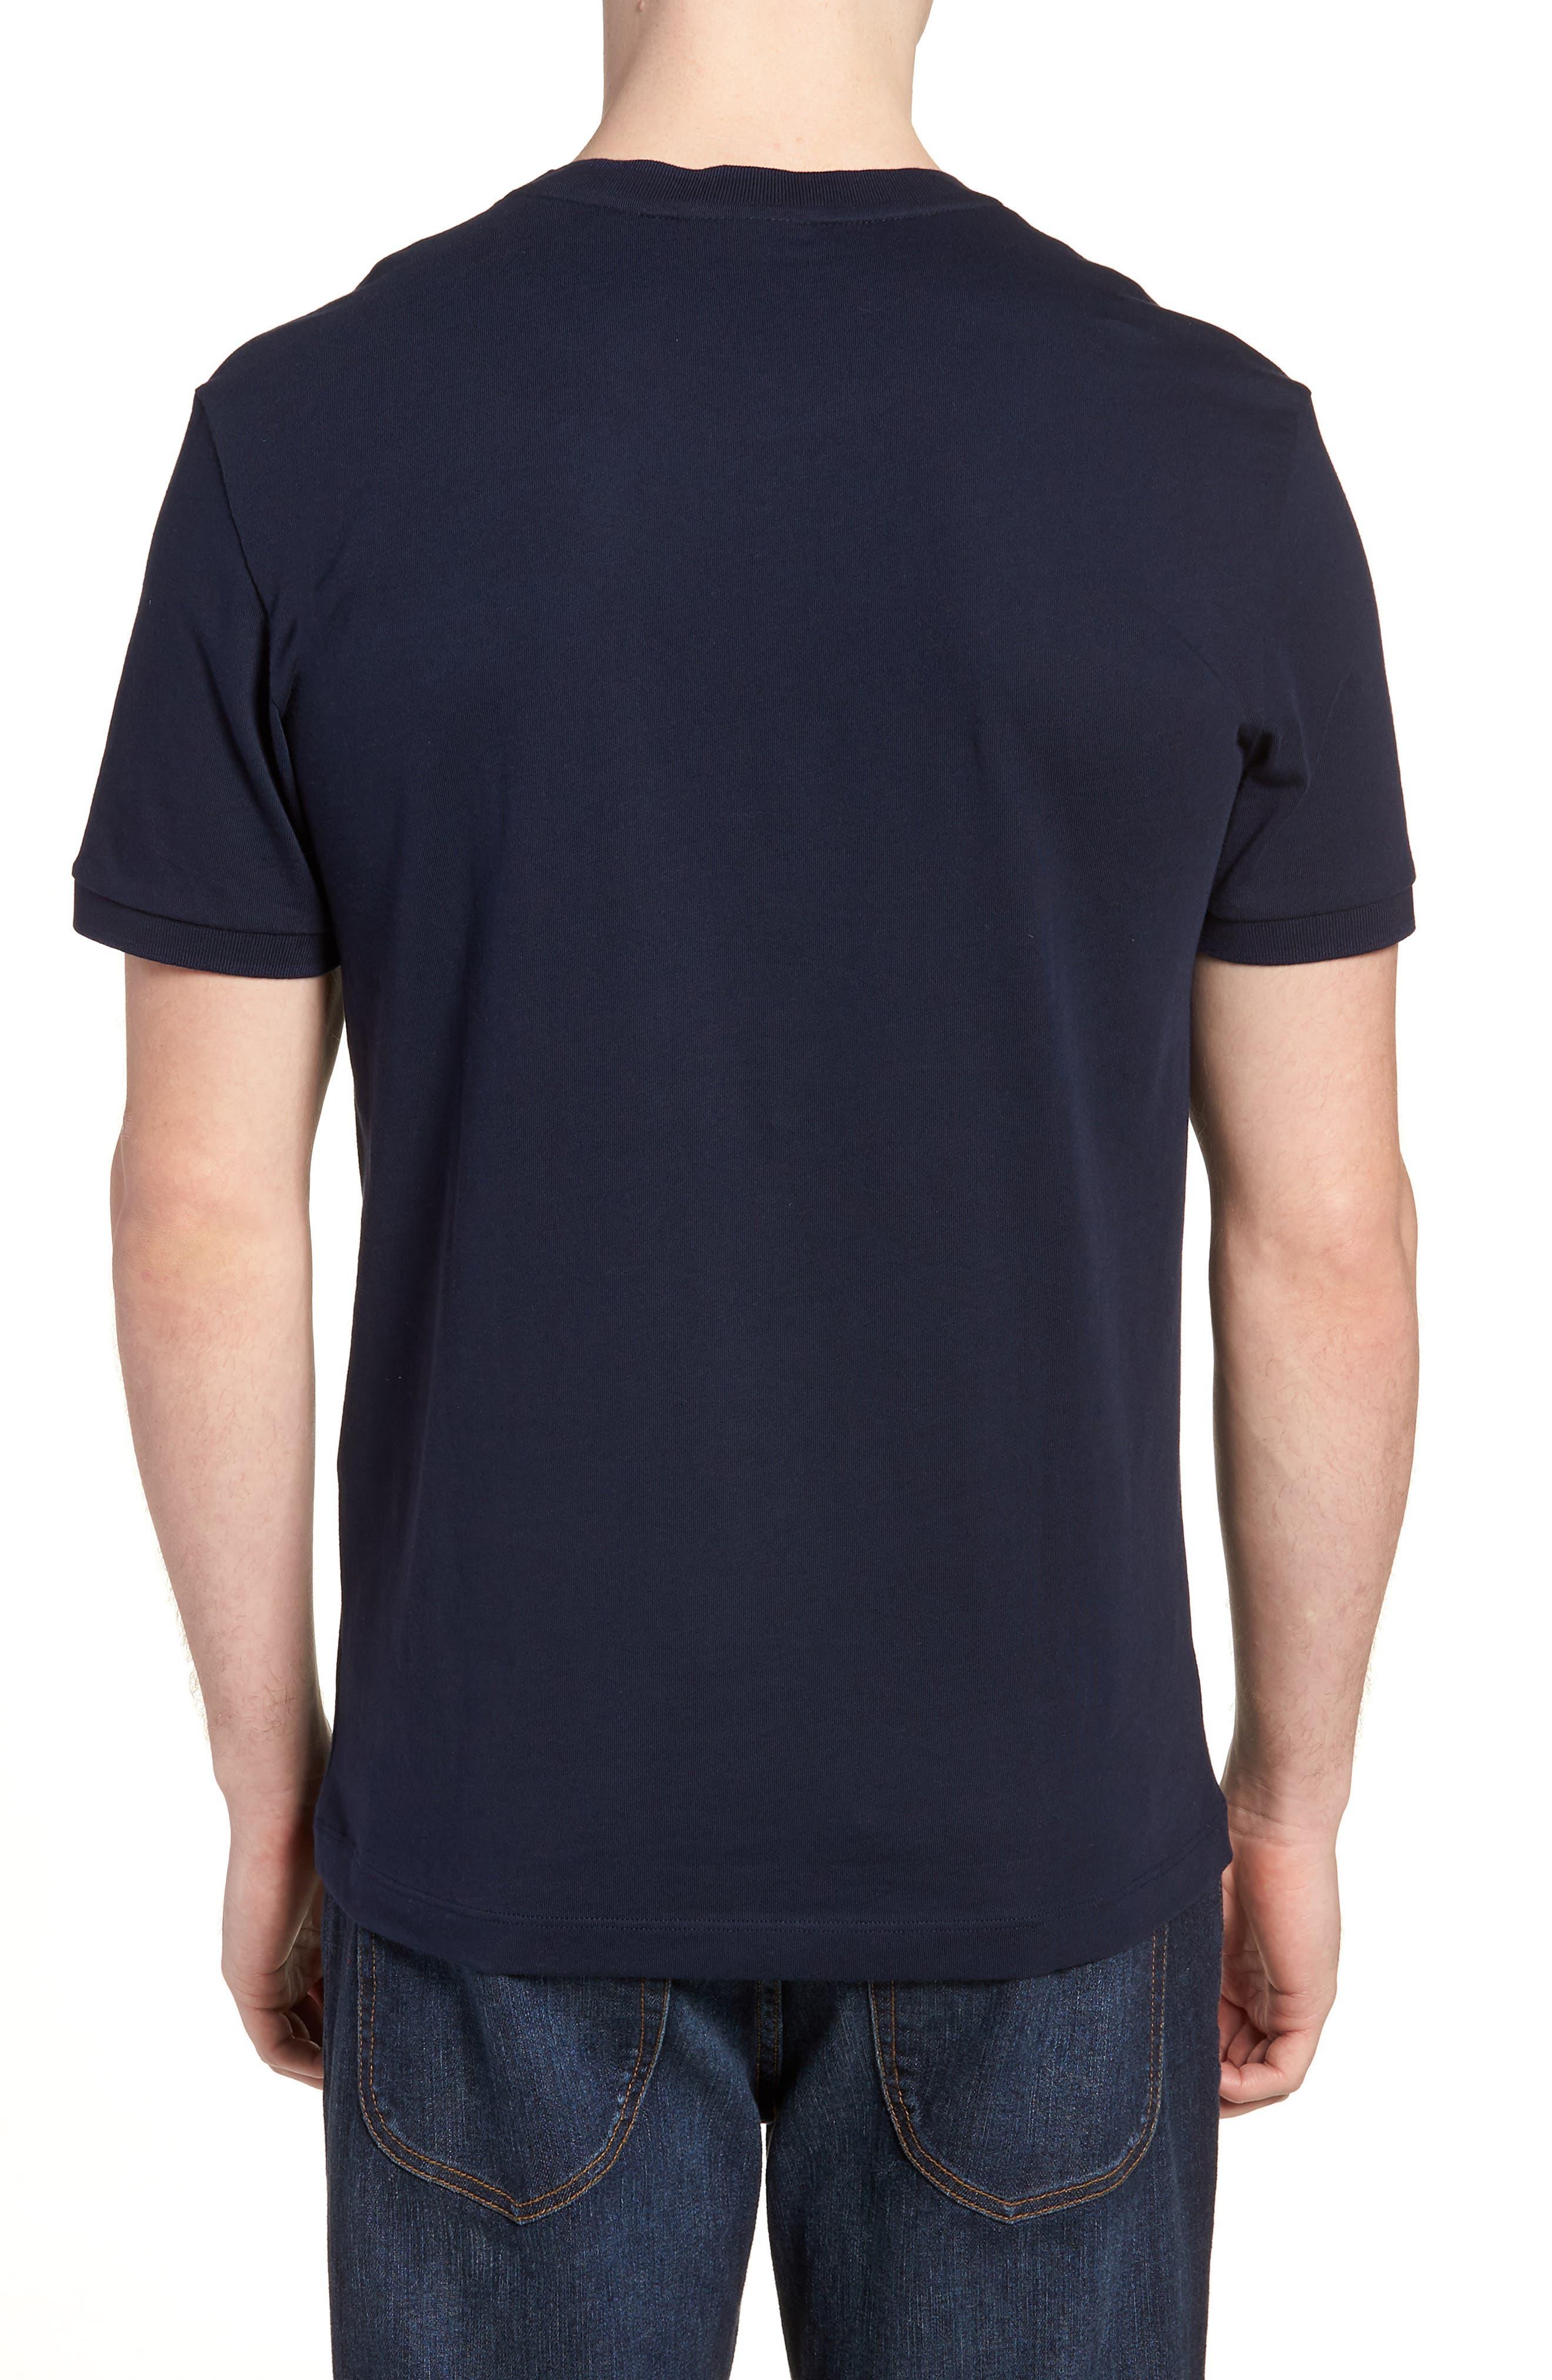 Vintage Croc Crewneck T-Shirt,                             Alternate thumbnail 2, color,                             Navy Blue